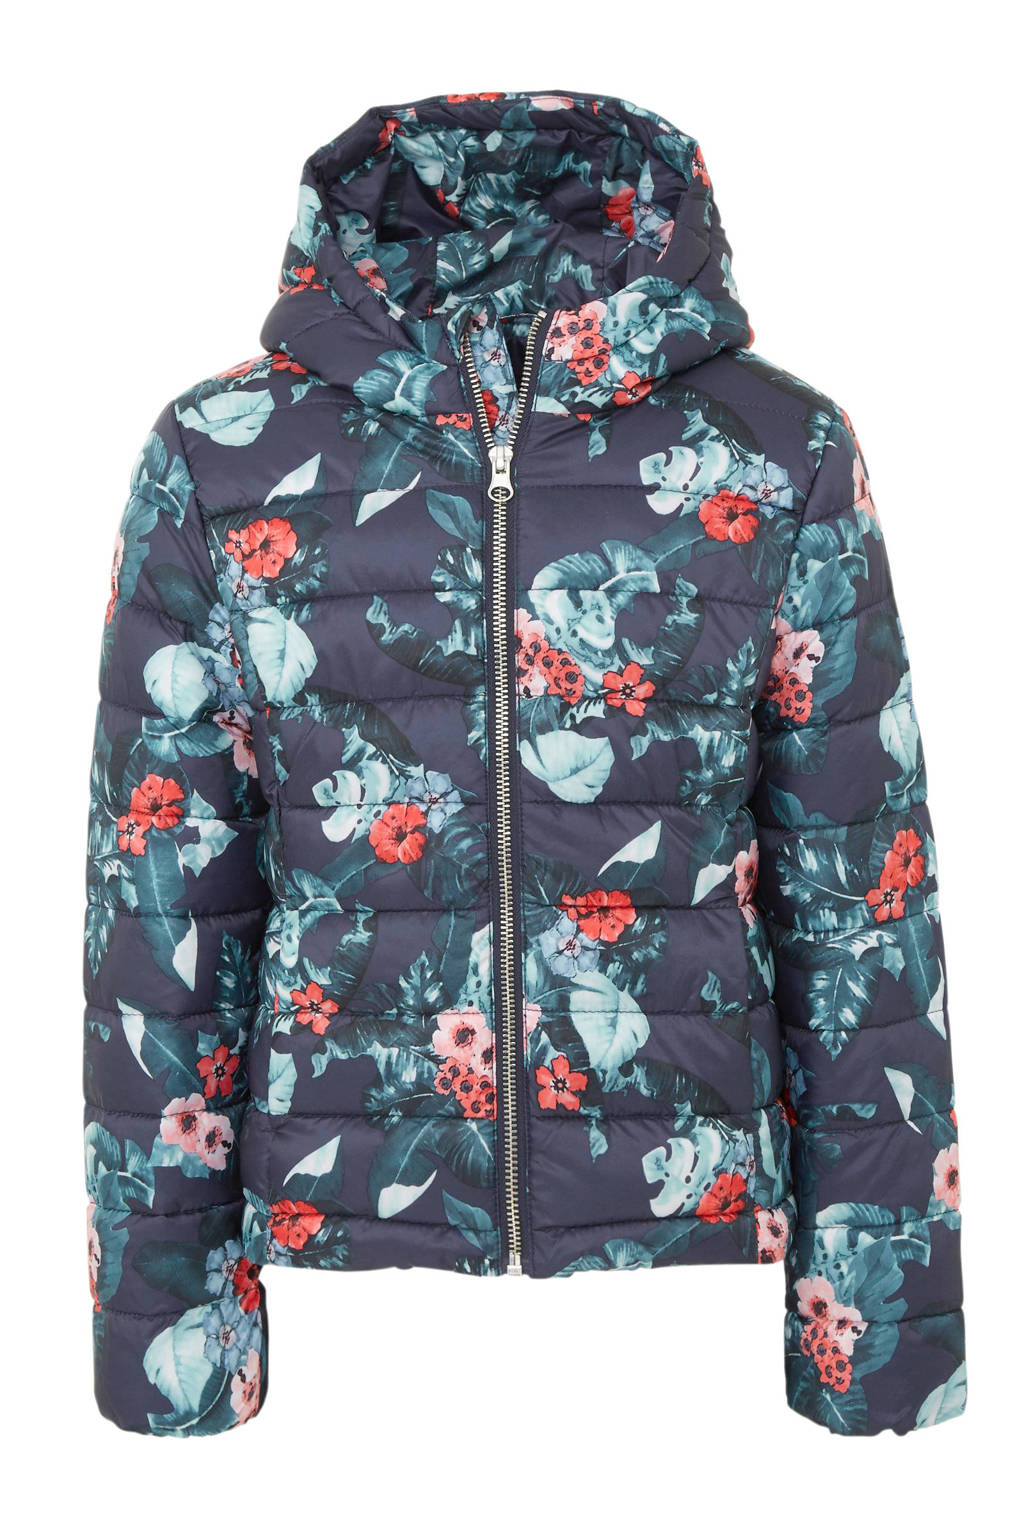 C&A Here & There gebloemde winterjas donkerblauw, Donkerblauw